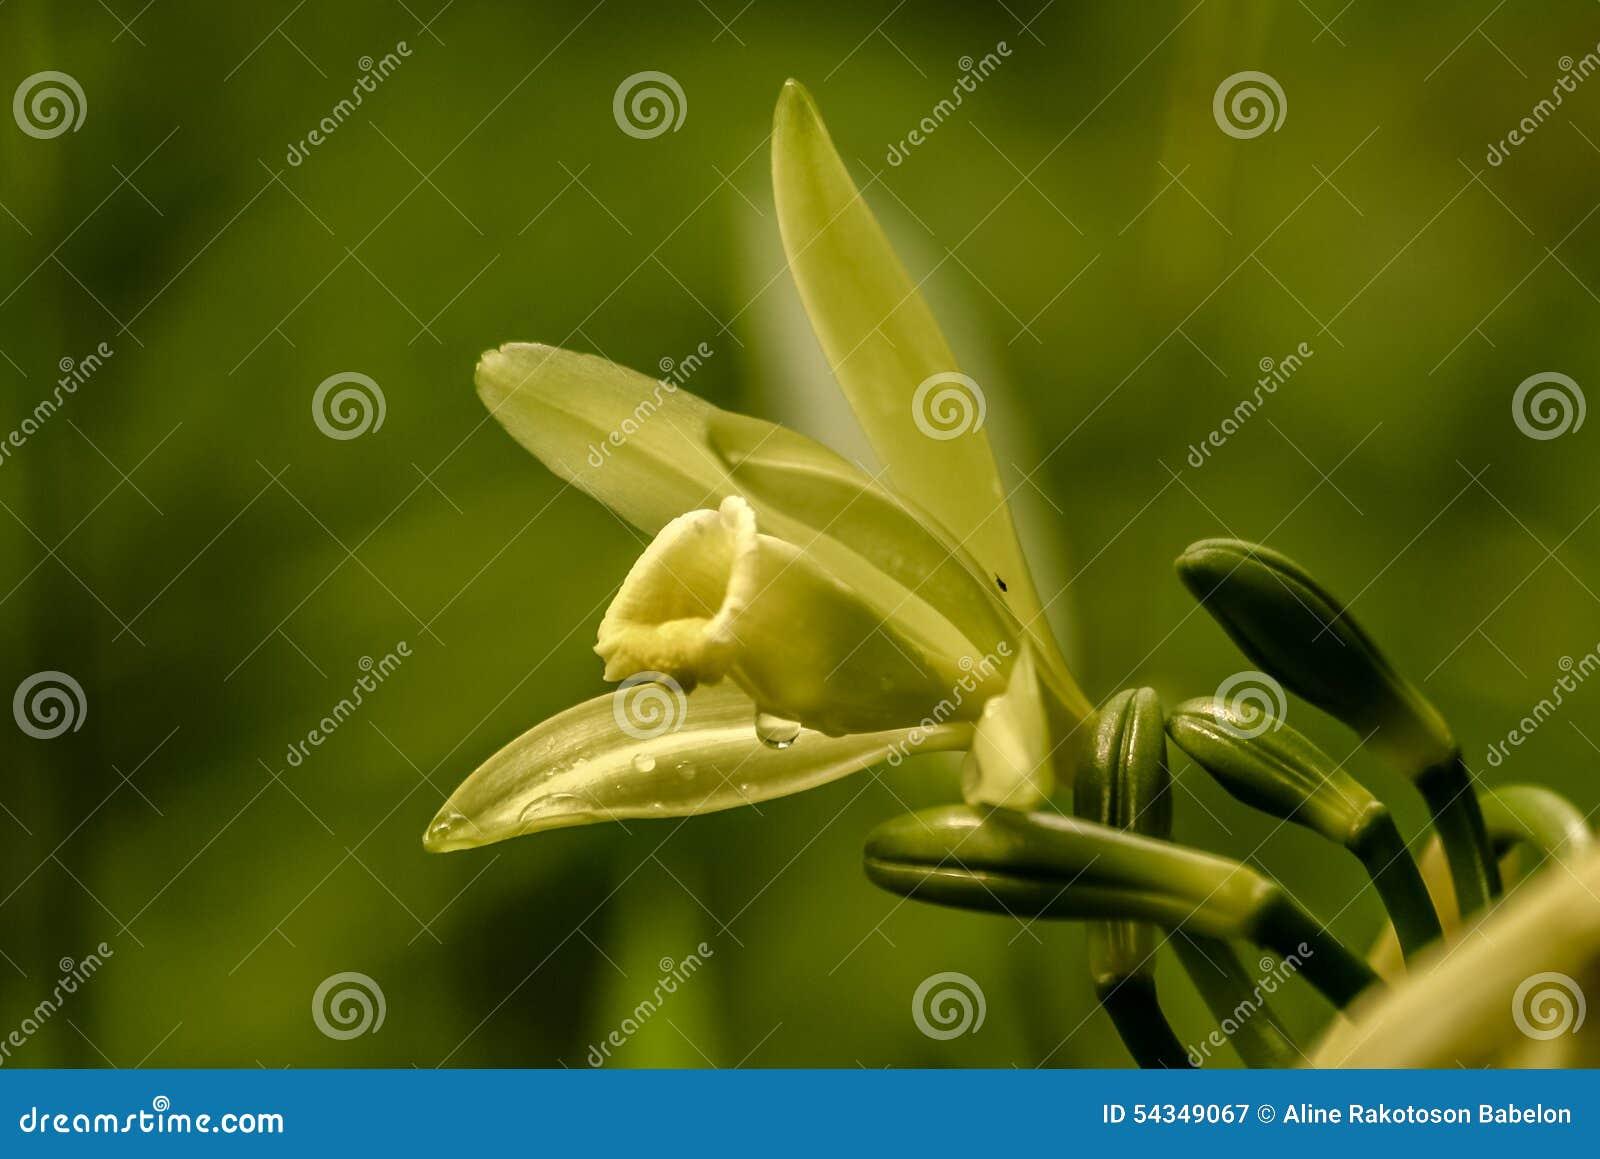 Waniliowy kwiat